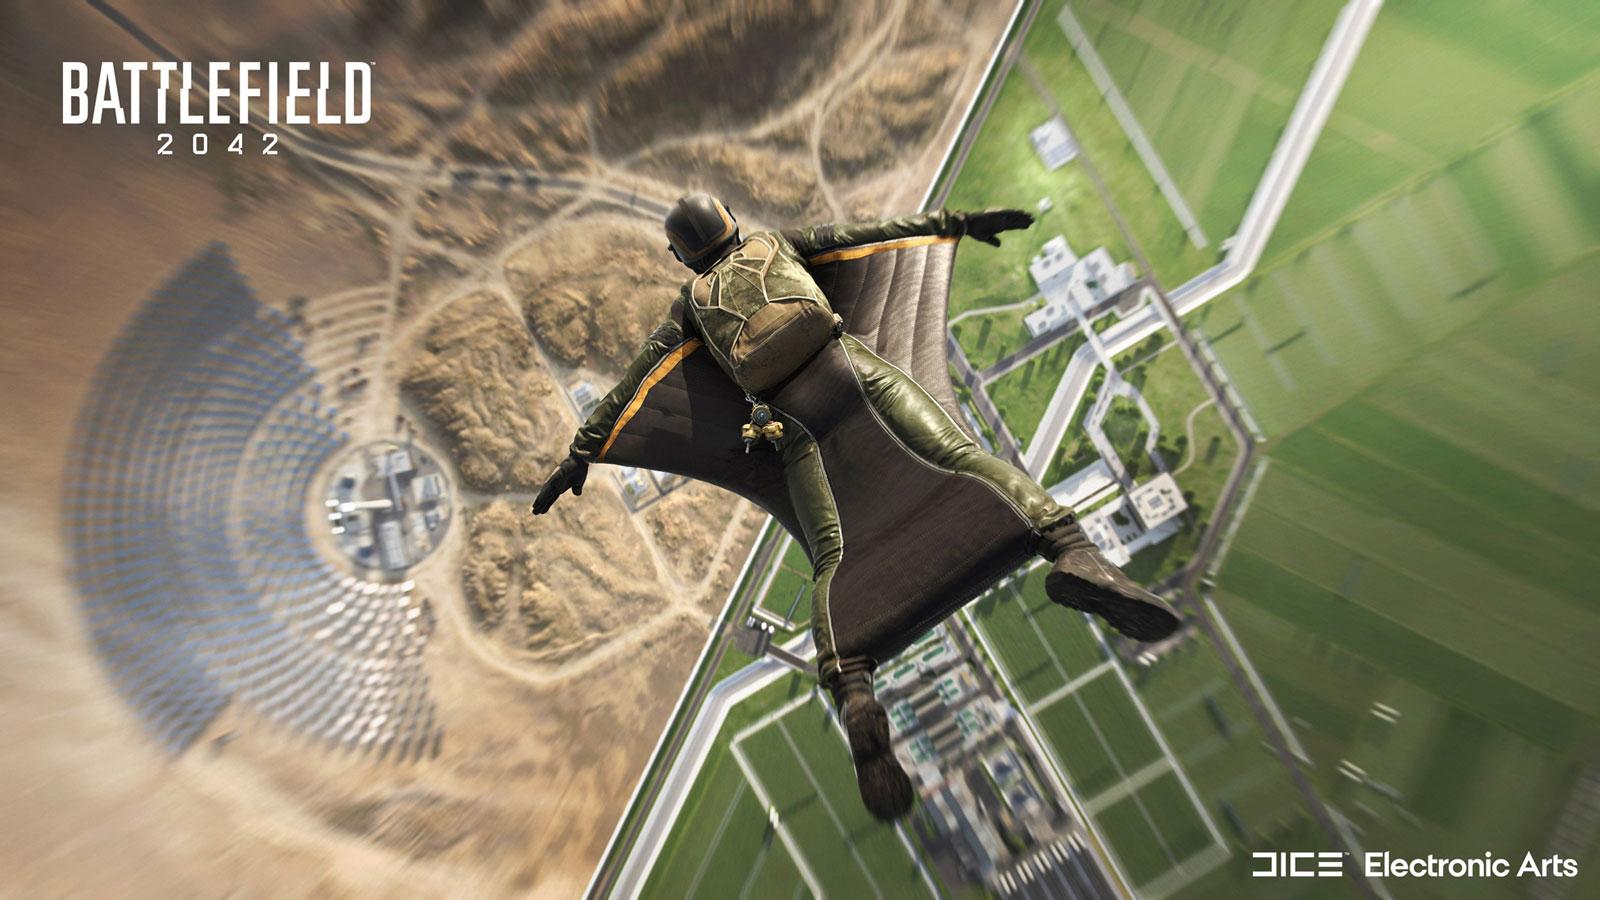 Free Battlefield 2042 Wallpaper in 1600x900